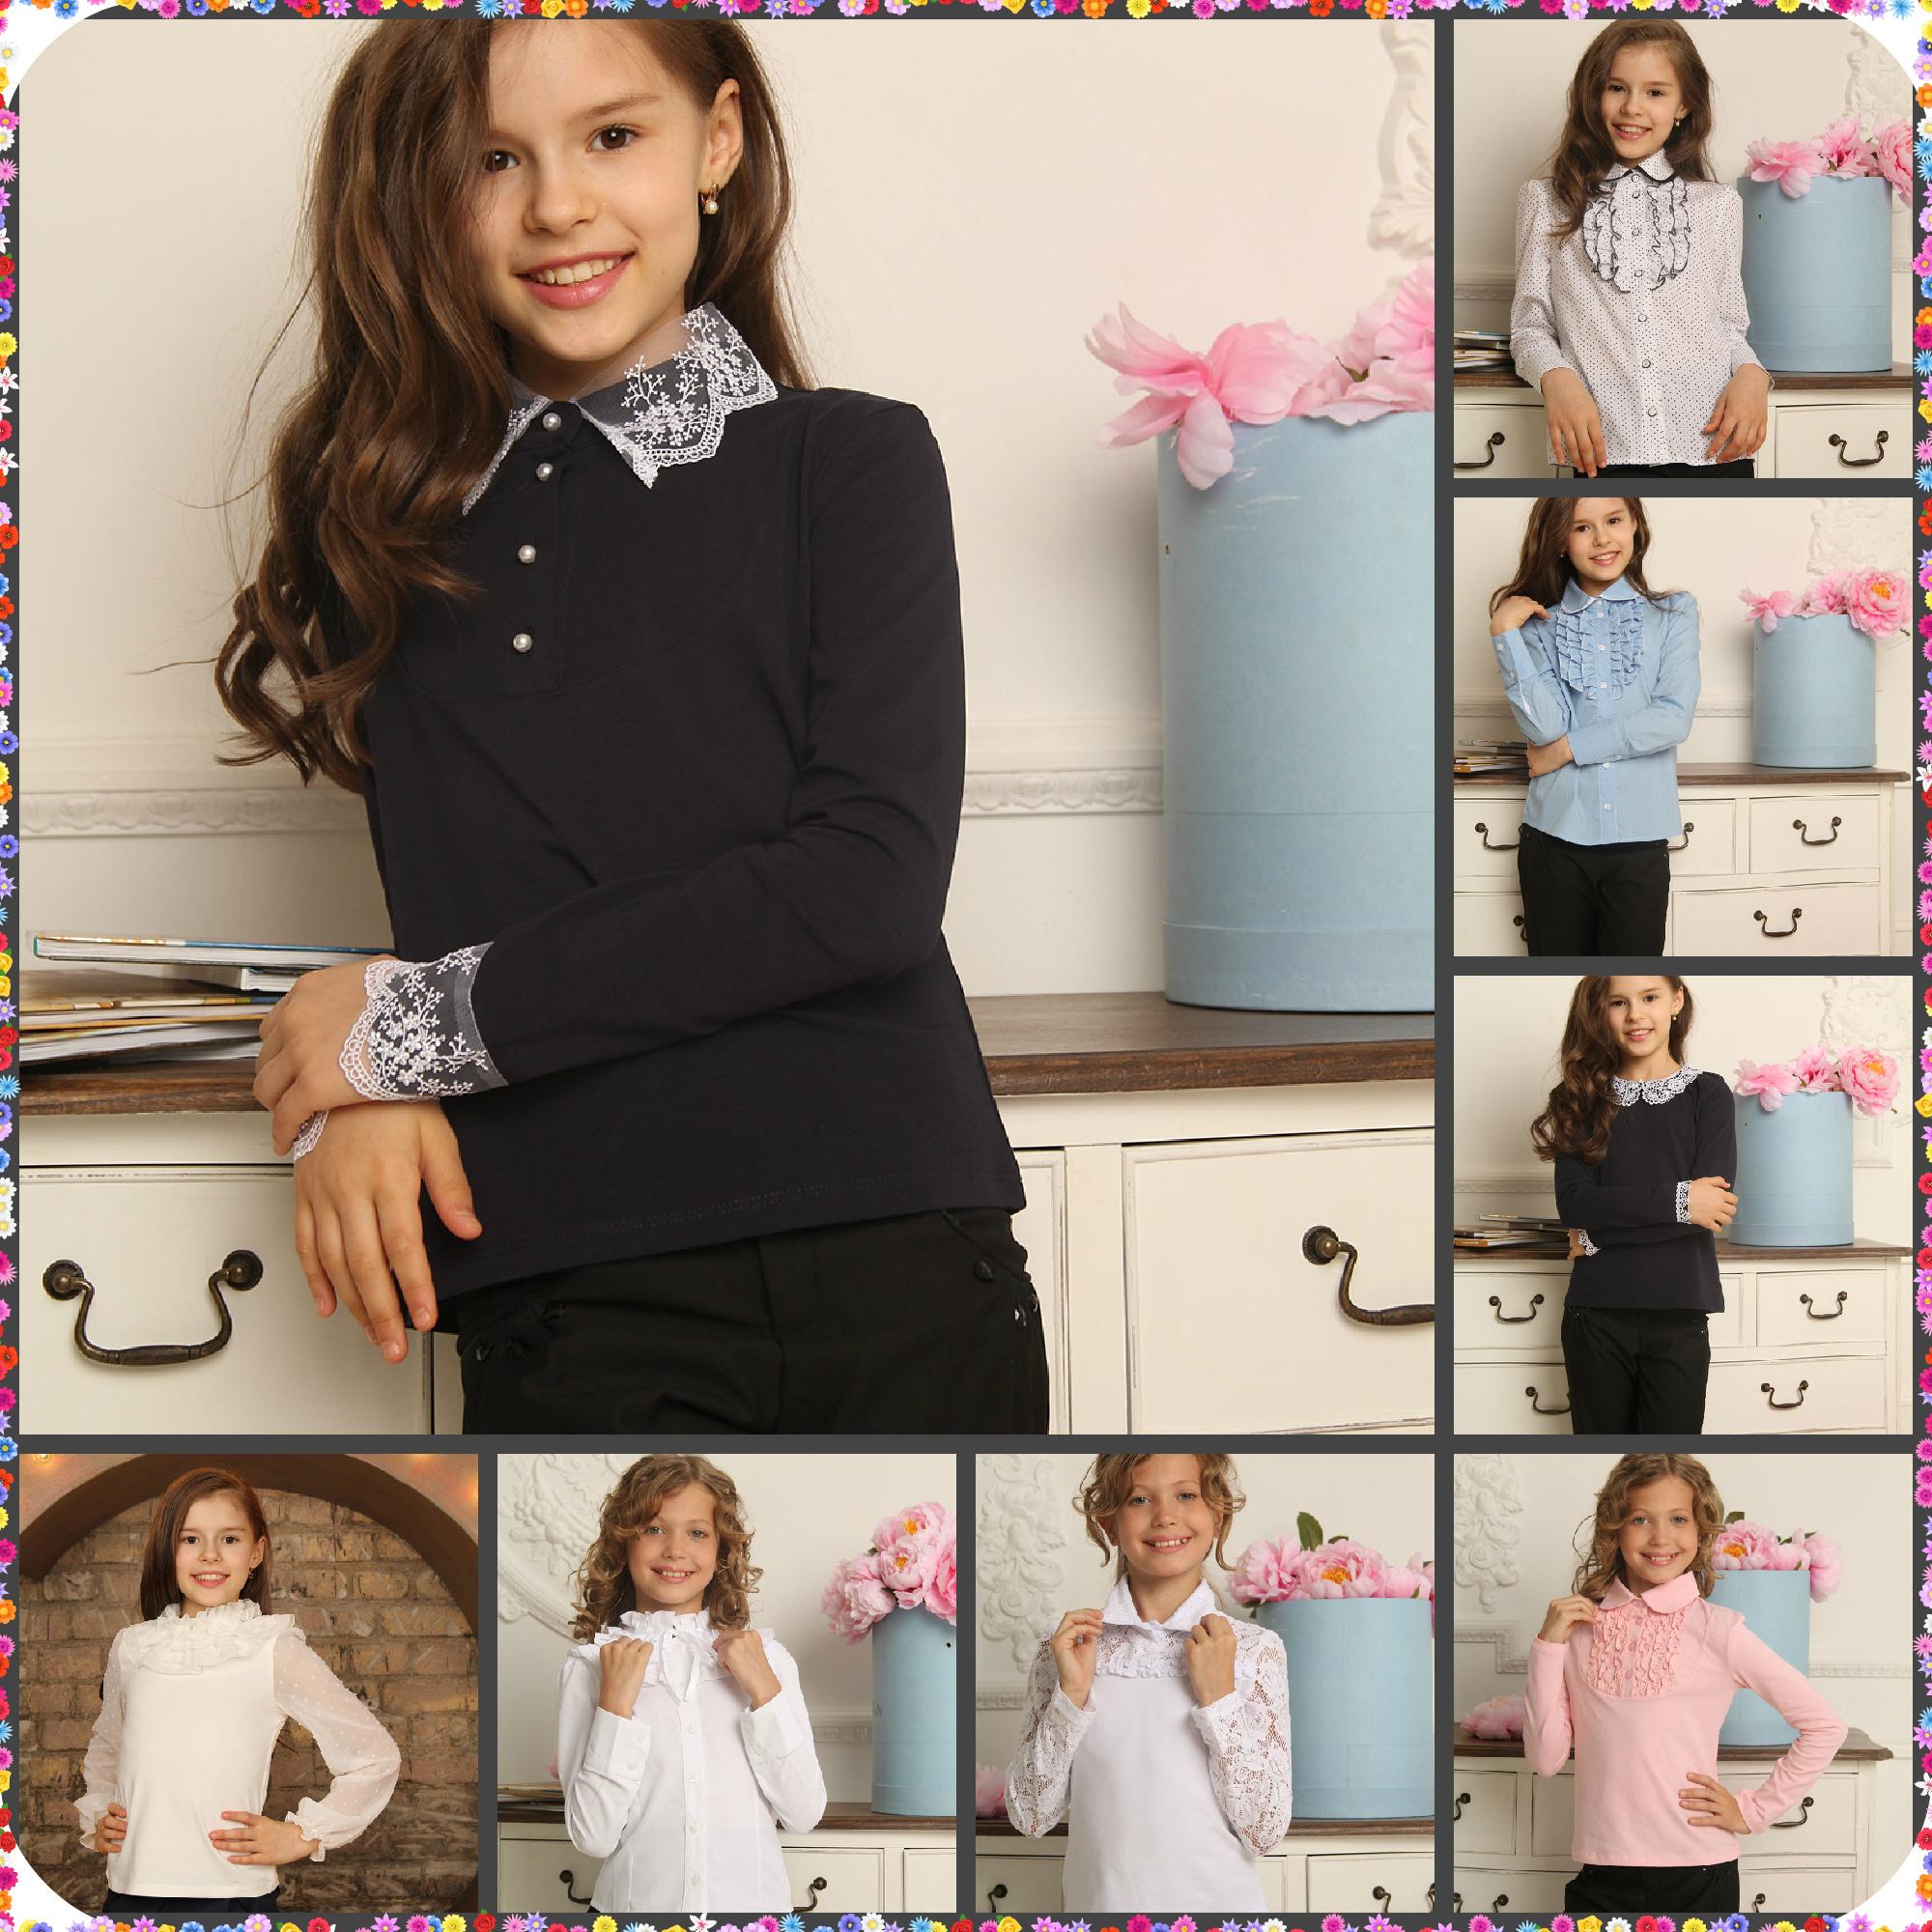 Роскошные школьные блузы от Красавушки! А также Праздничные и повседневные платья для наших девочек.Только эксклюзив